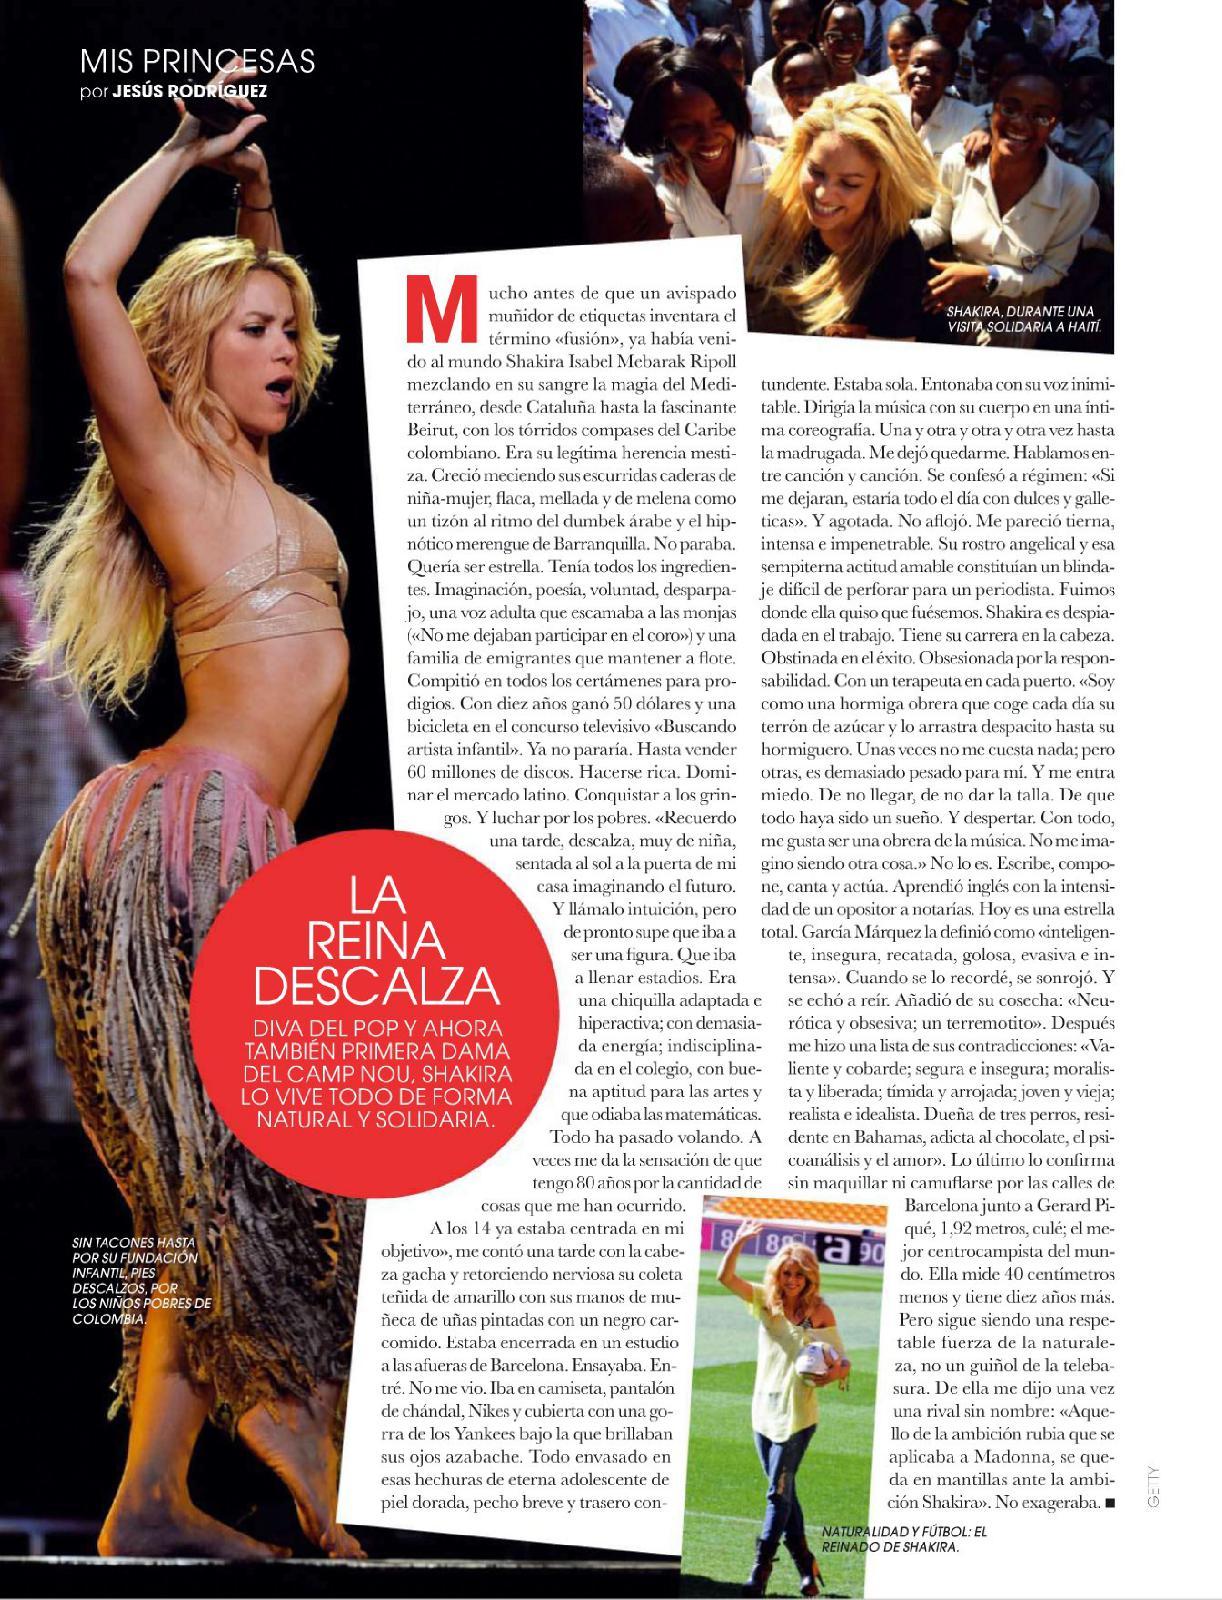 Galería » Photoshoots, revistas, scans... - Página 2 Mc.junio2011.page25